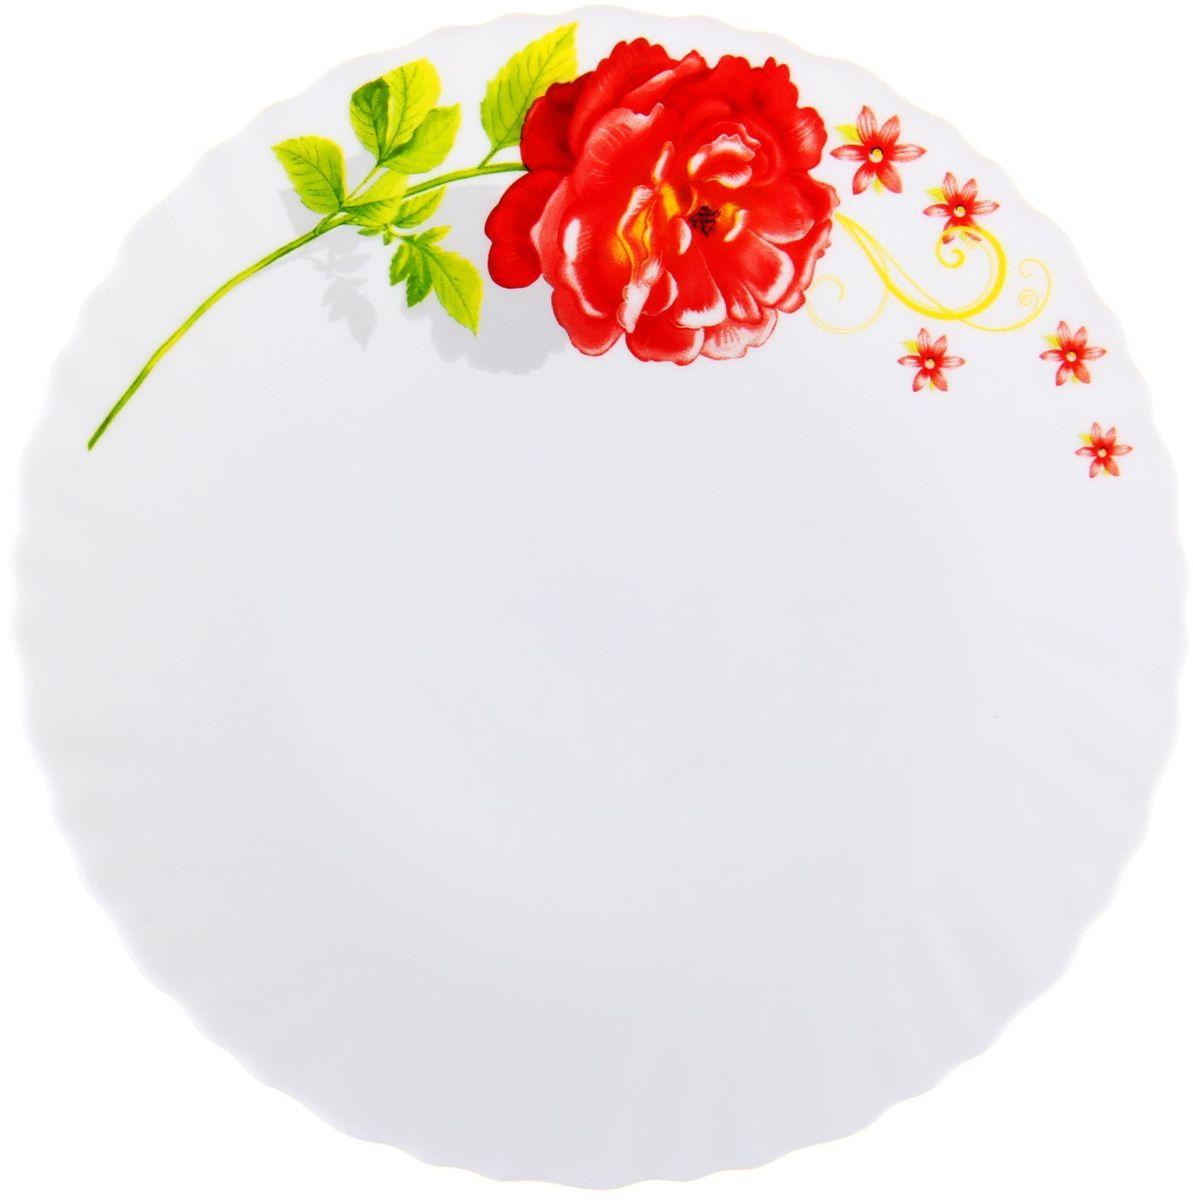 Тарелка десертная Китайская роза, диаметр 17,5 см1152120Тарелка – важнейший предмет любого застолья. Будучи во главе стола, она привлекает к себе основное внимание. А это значит – рисунок, цвет и материал играют немаловажную роль.Почему во всем мире так ценится посуда из стеклокермики?Универсальна. Ее можно использовать и для приготовления пищи, и для безопасного хранения любых готовых блюд. В такой посуде можно кипятить, варить, жарить парить, тушить и запекать любые продукты.Ударопрочна и травмобезопасна. Термическое стекло – очень прочный материал, который не поддается механическим нагрузкам, не бьется, не колется и не трескается.Термически устойчива (жаропрочна). Посуда не деформируется при нагреве и подходит для СВЧ-печей.Химически инертна. Стеклянные поверхности посуды совершенно нечувствительны к воздействию моющих и чистящих средств.Экологически и гигиенически безопасна. Стеклокерамика – исключительно «чистый» материал, не выделяющий вредных летучих соединений даже при сильном нагреве, не впитывает запахов и не передает их хранящейся или готовящейся пище.Удобна в уходе. Моется обычной теплой водой, не формирует накипь и нагар.Эстетически привлекательна. Прозрачное, матовое и тонированное термическое стекло имеет оригинальный вид, который сохраняется в любых технических условиях на долгие годы.